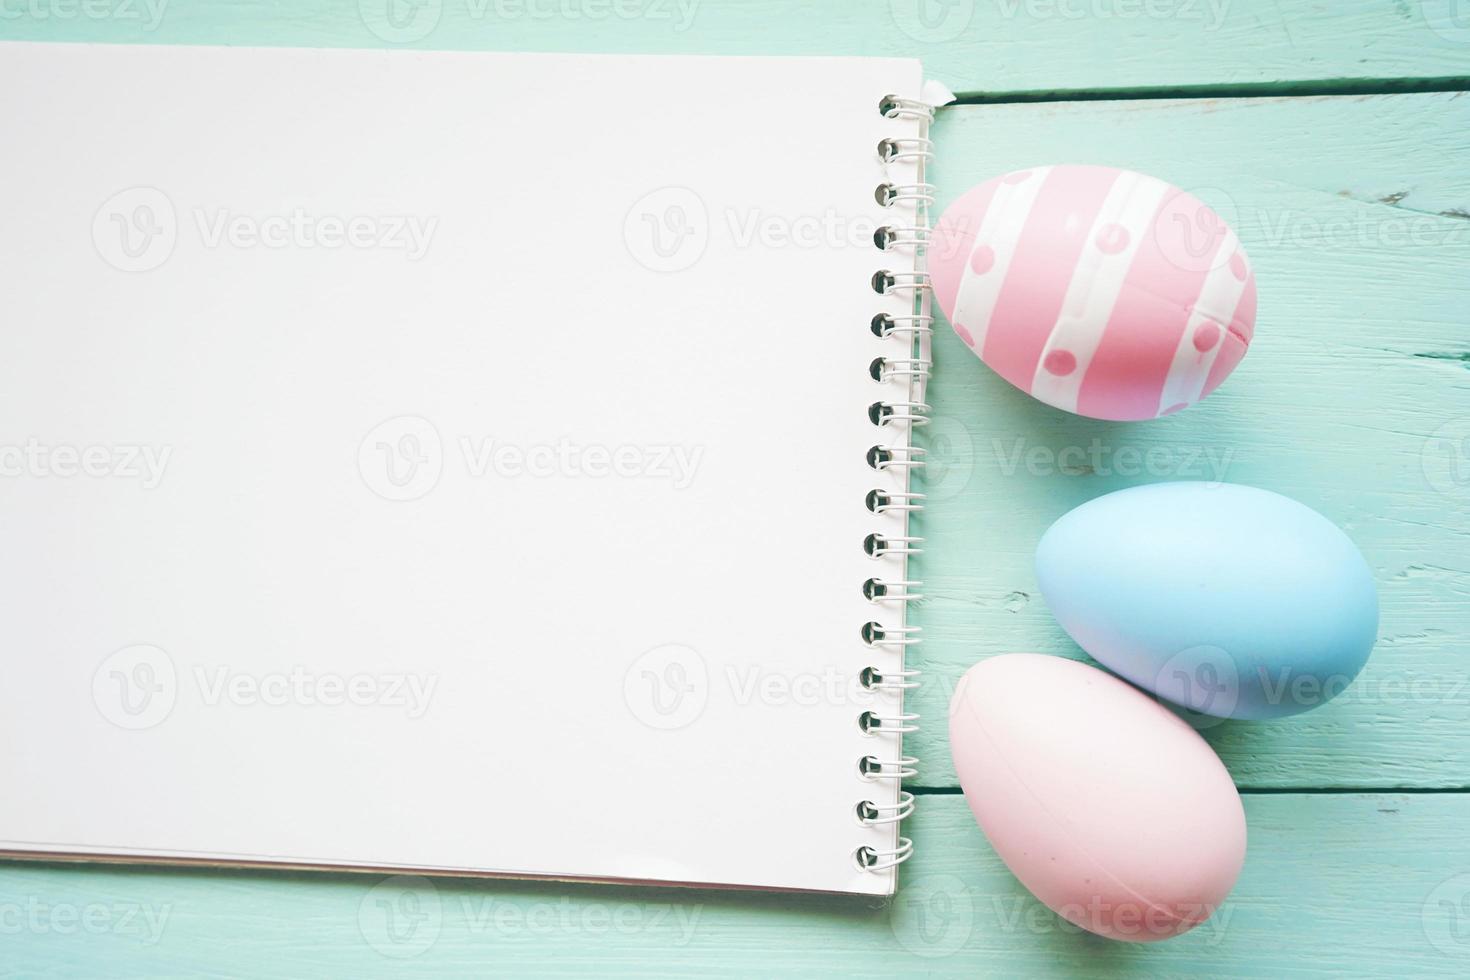 un beau gros plan coloré d'œufs de pâques isolés dans des couleurs unies et rayé par un cahier sur une table en bois bleu pastel avec de l'espace photo